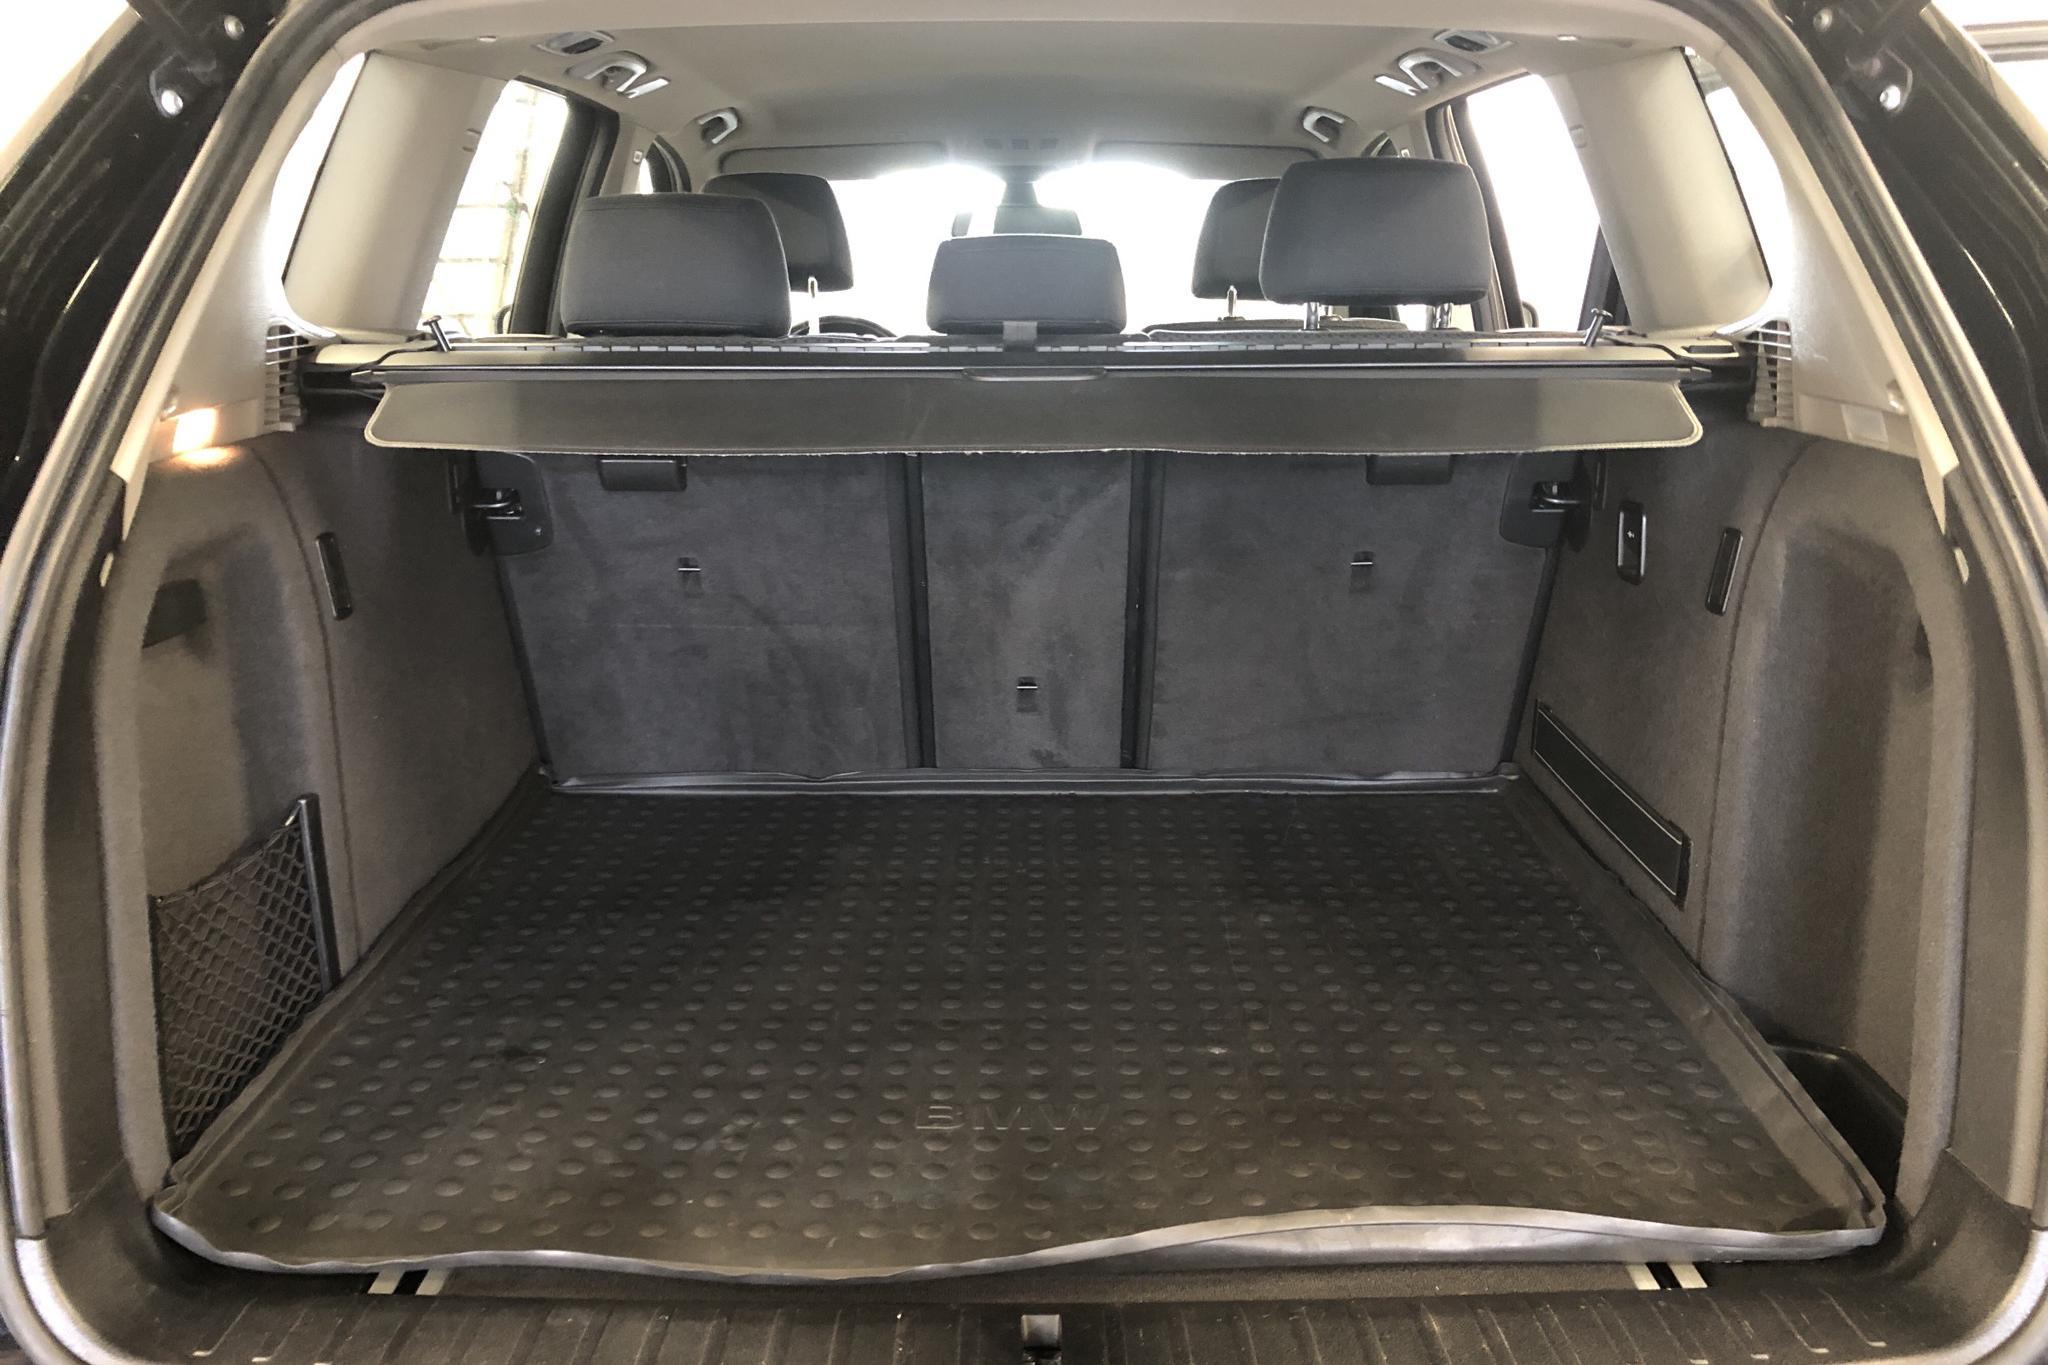 BMW X3 xDrive20d, F25 (184hk) - 262 790 km - Automatic - black - 2011